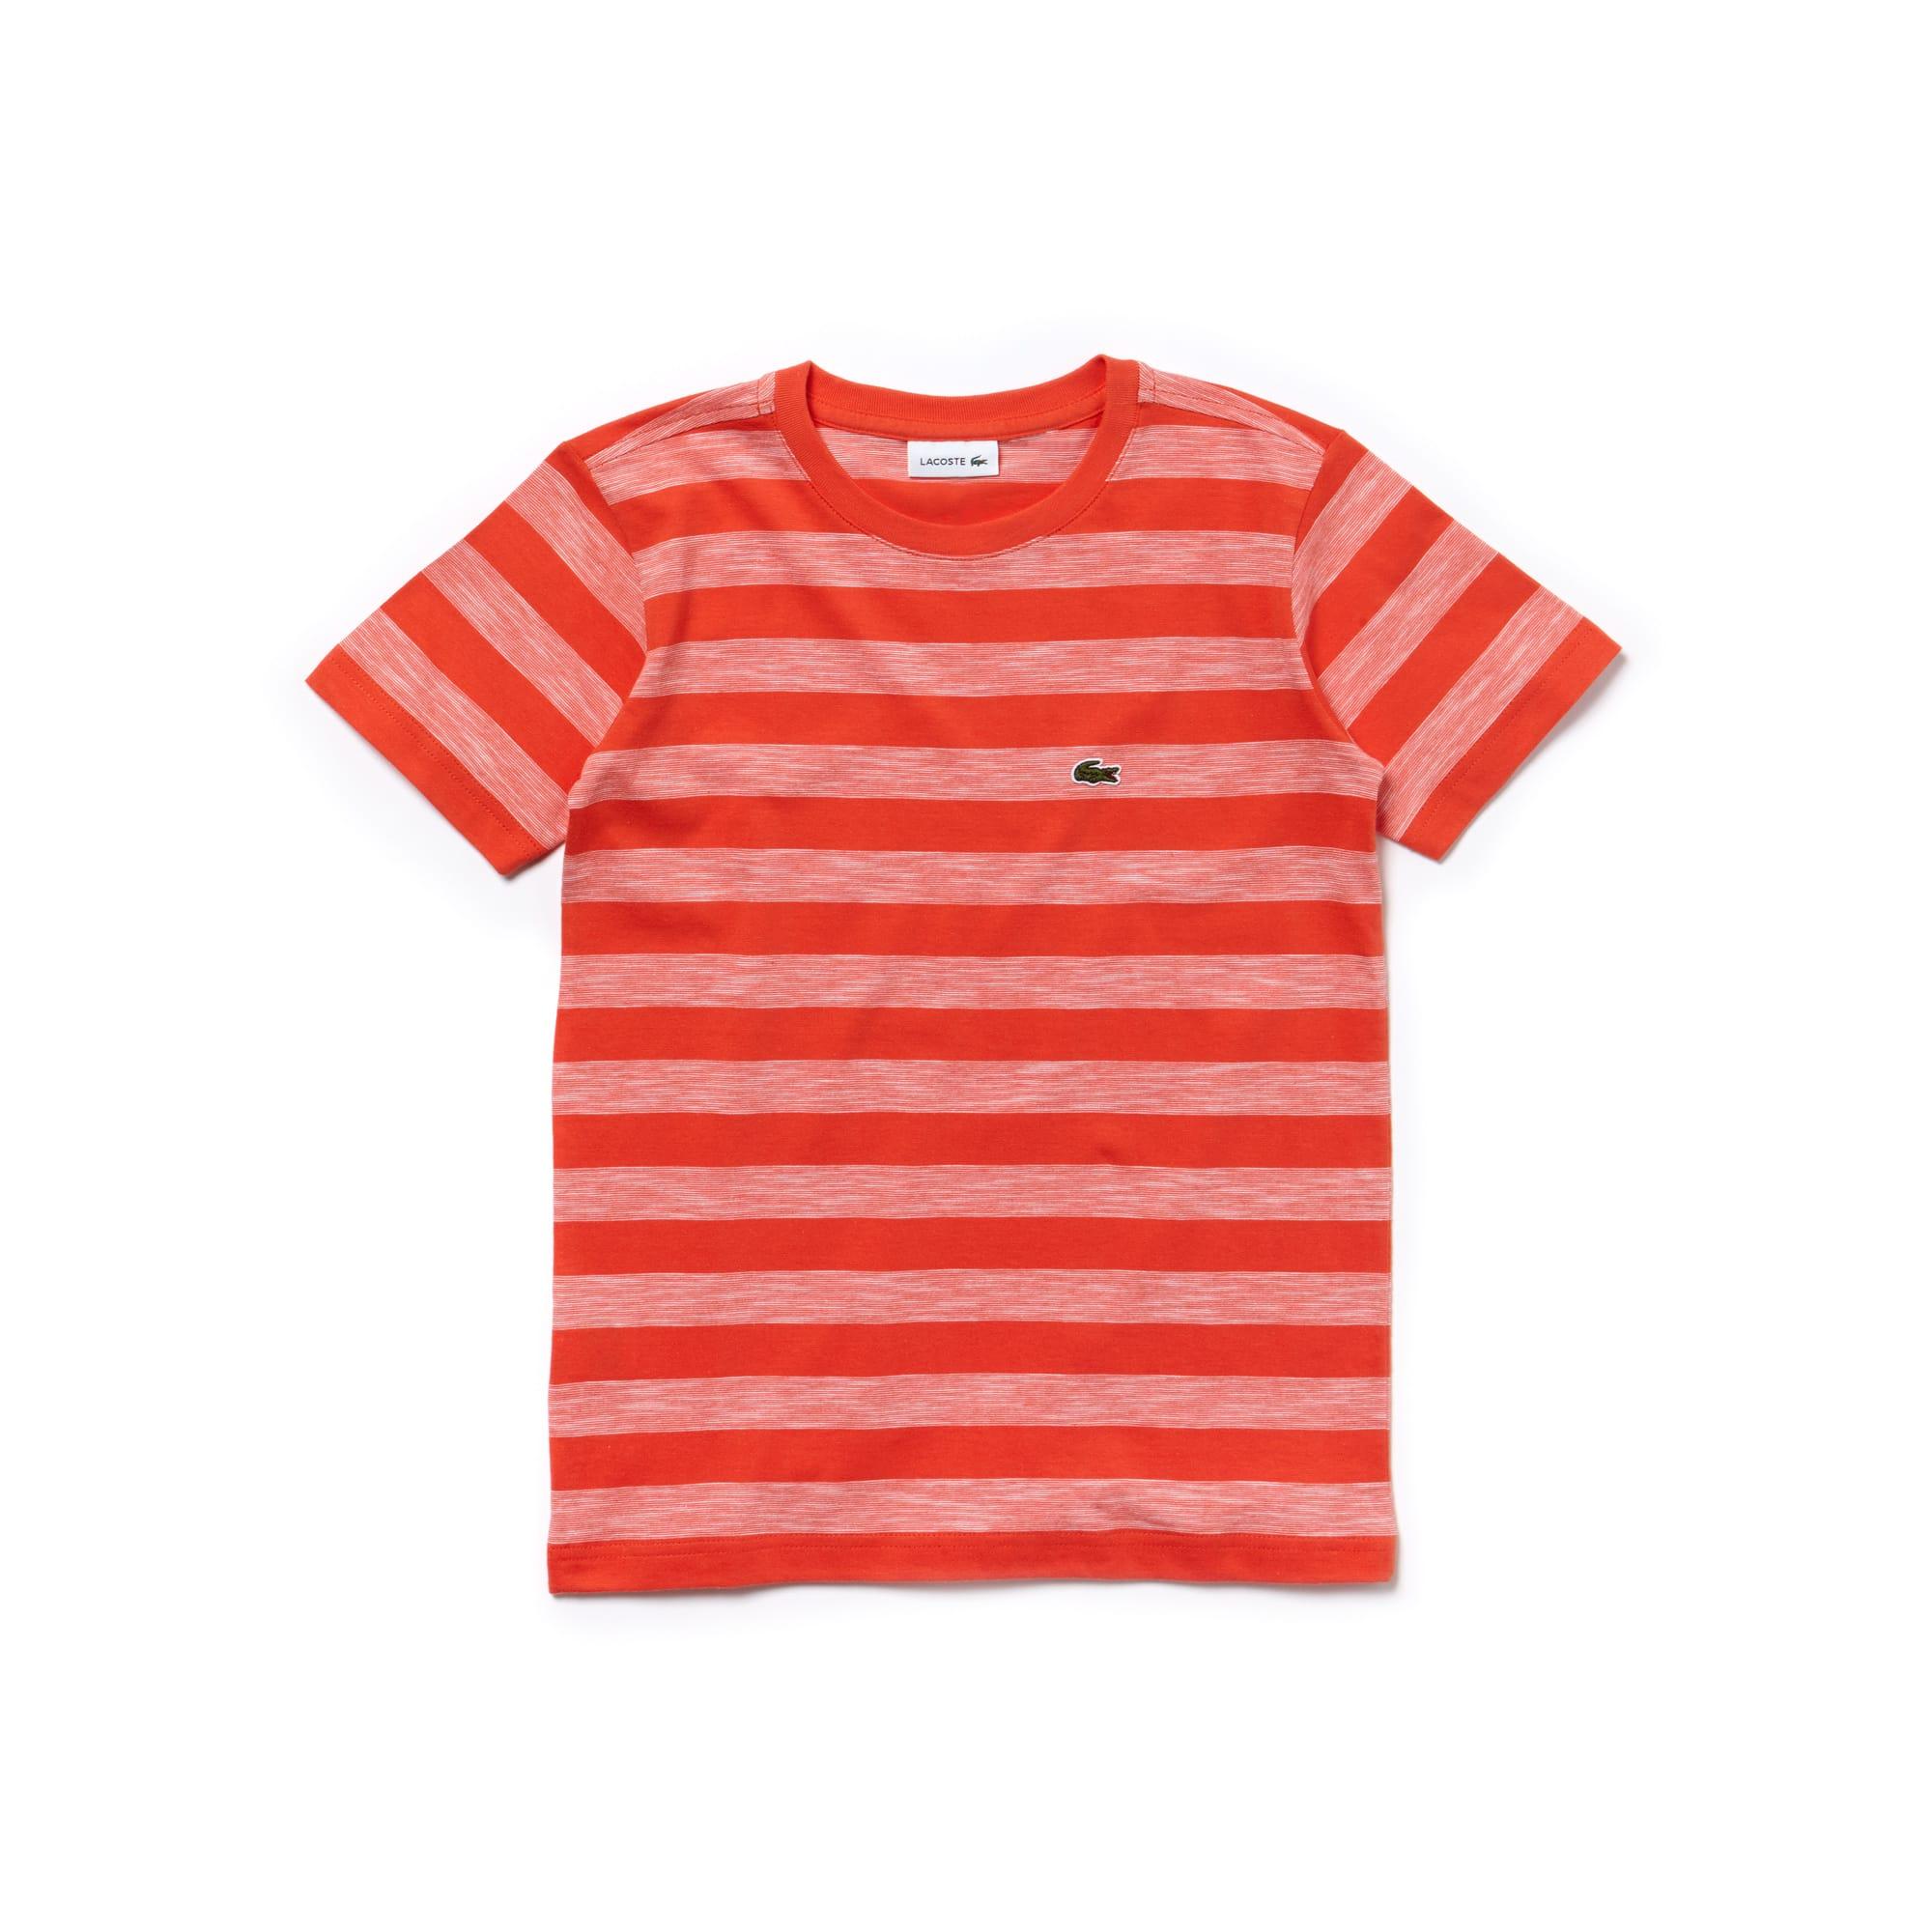 T-shirt Bambino a girocollo in jersey di cotone a righe